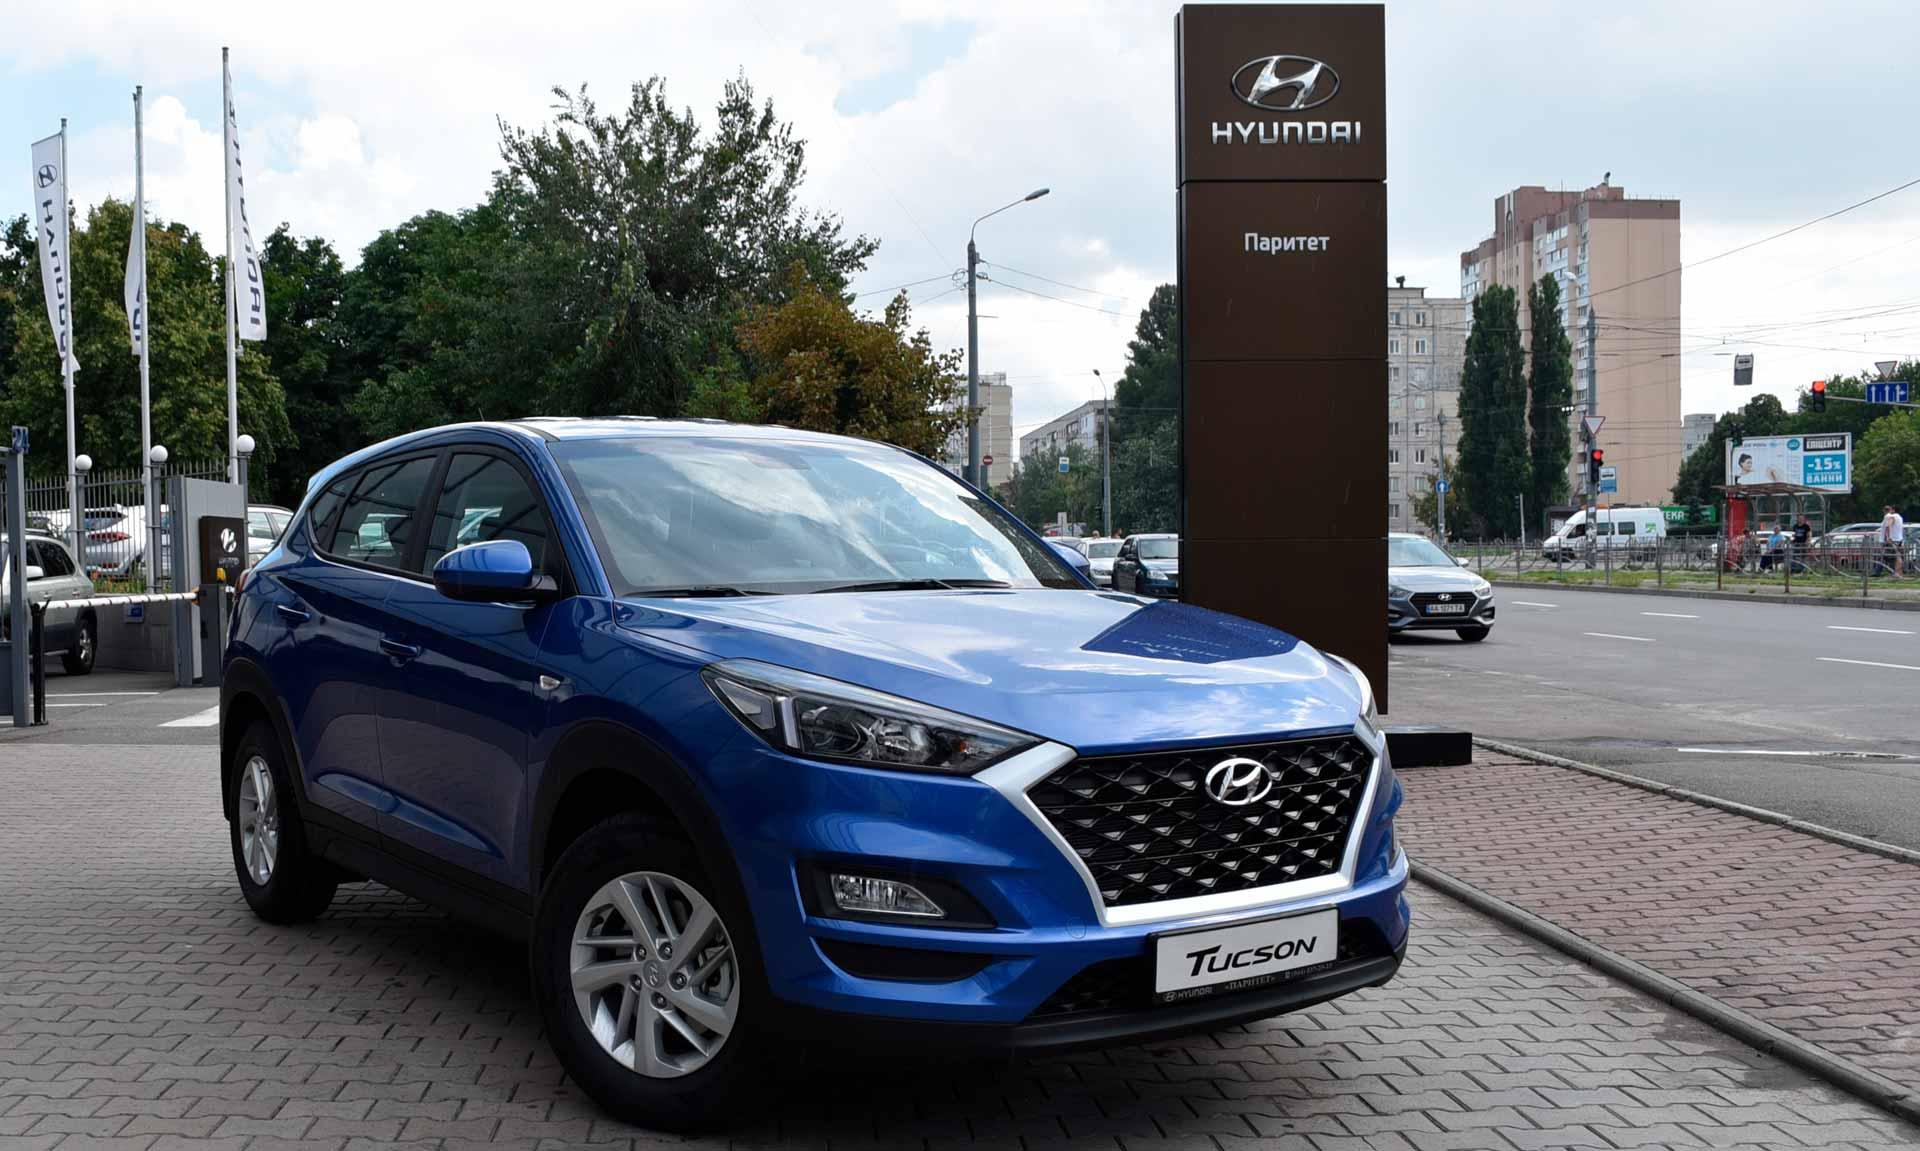 Новый Hyundai Tucson Facelift доступен в автоцентре «Паритет»!